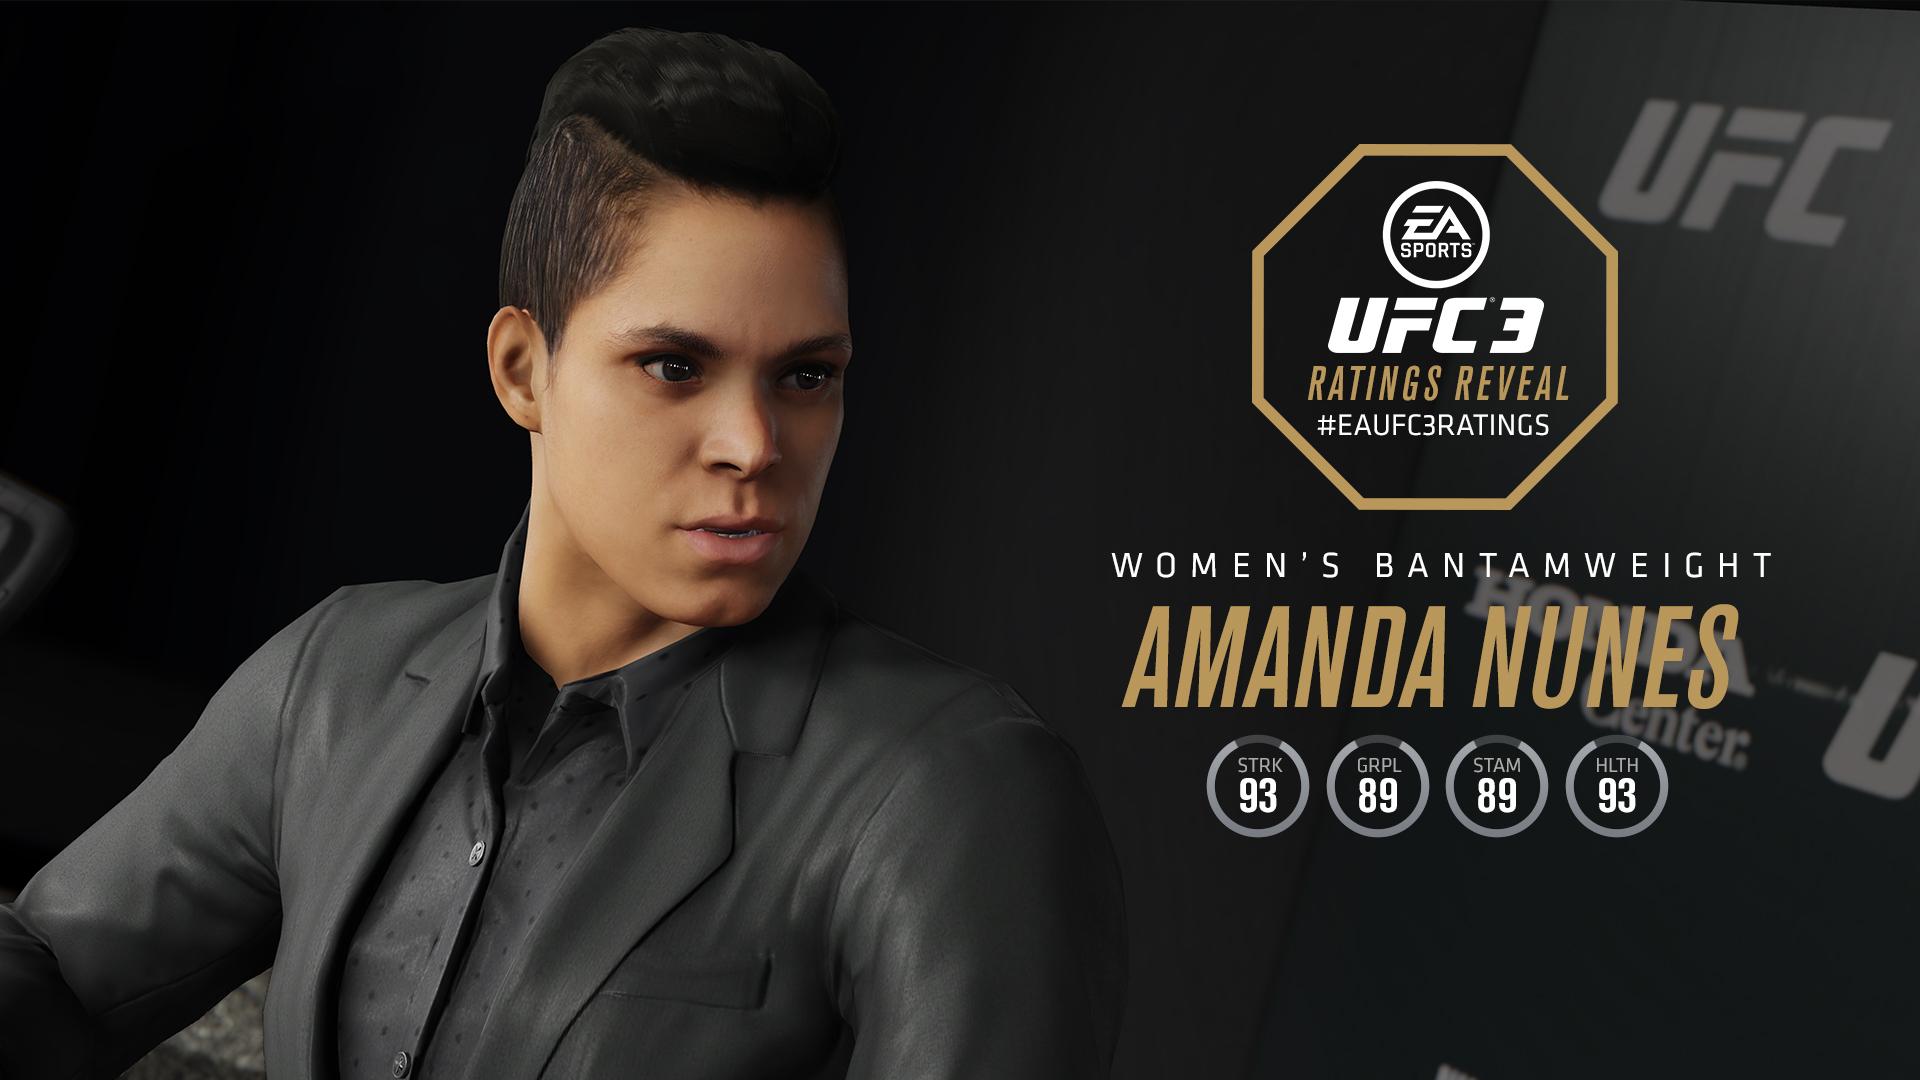 AmandaNunes_WomensBantamweight_1920x1080